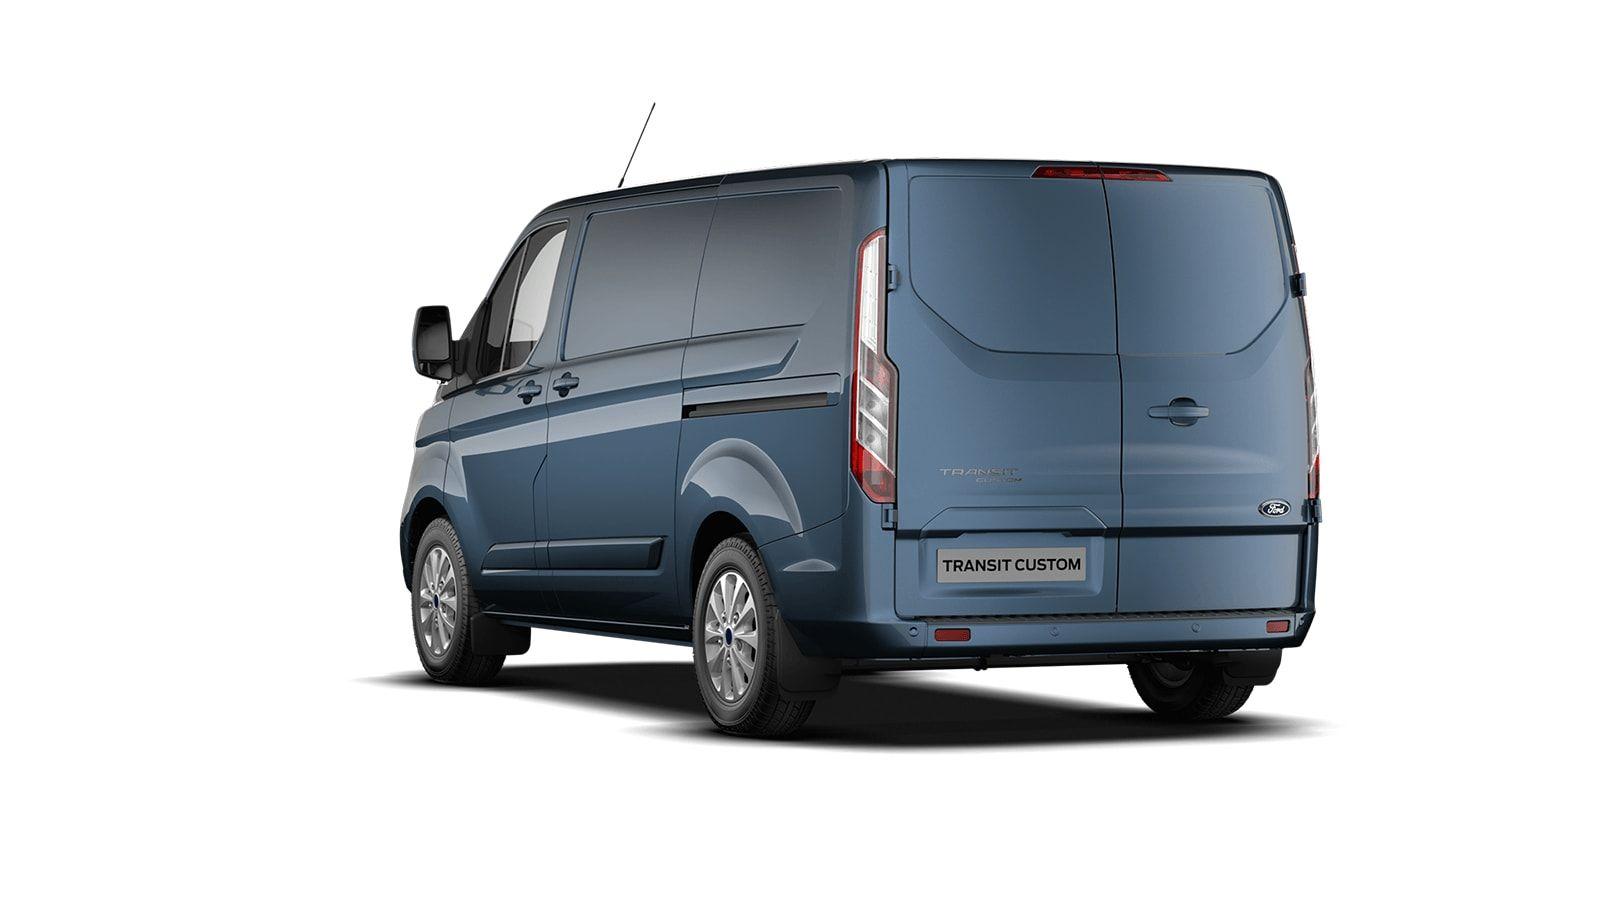 Nieuw Ford Transit custom 340S Gesloten bestelwagen L1 Limited pHEVAut 1.0 Petrol 125 BYB - Metaalkleur: Chrome Blue 2